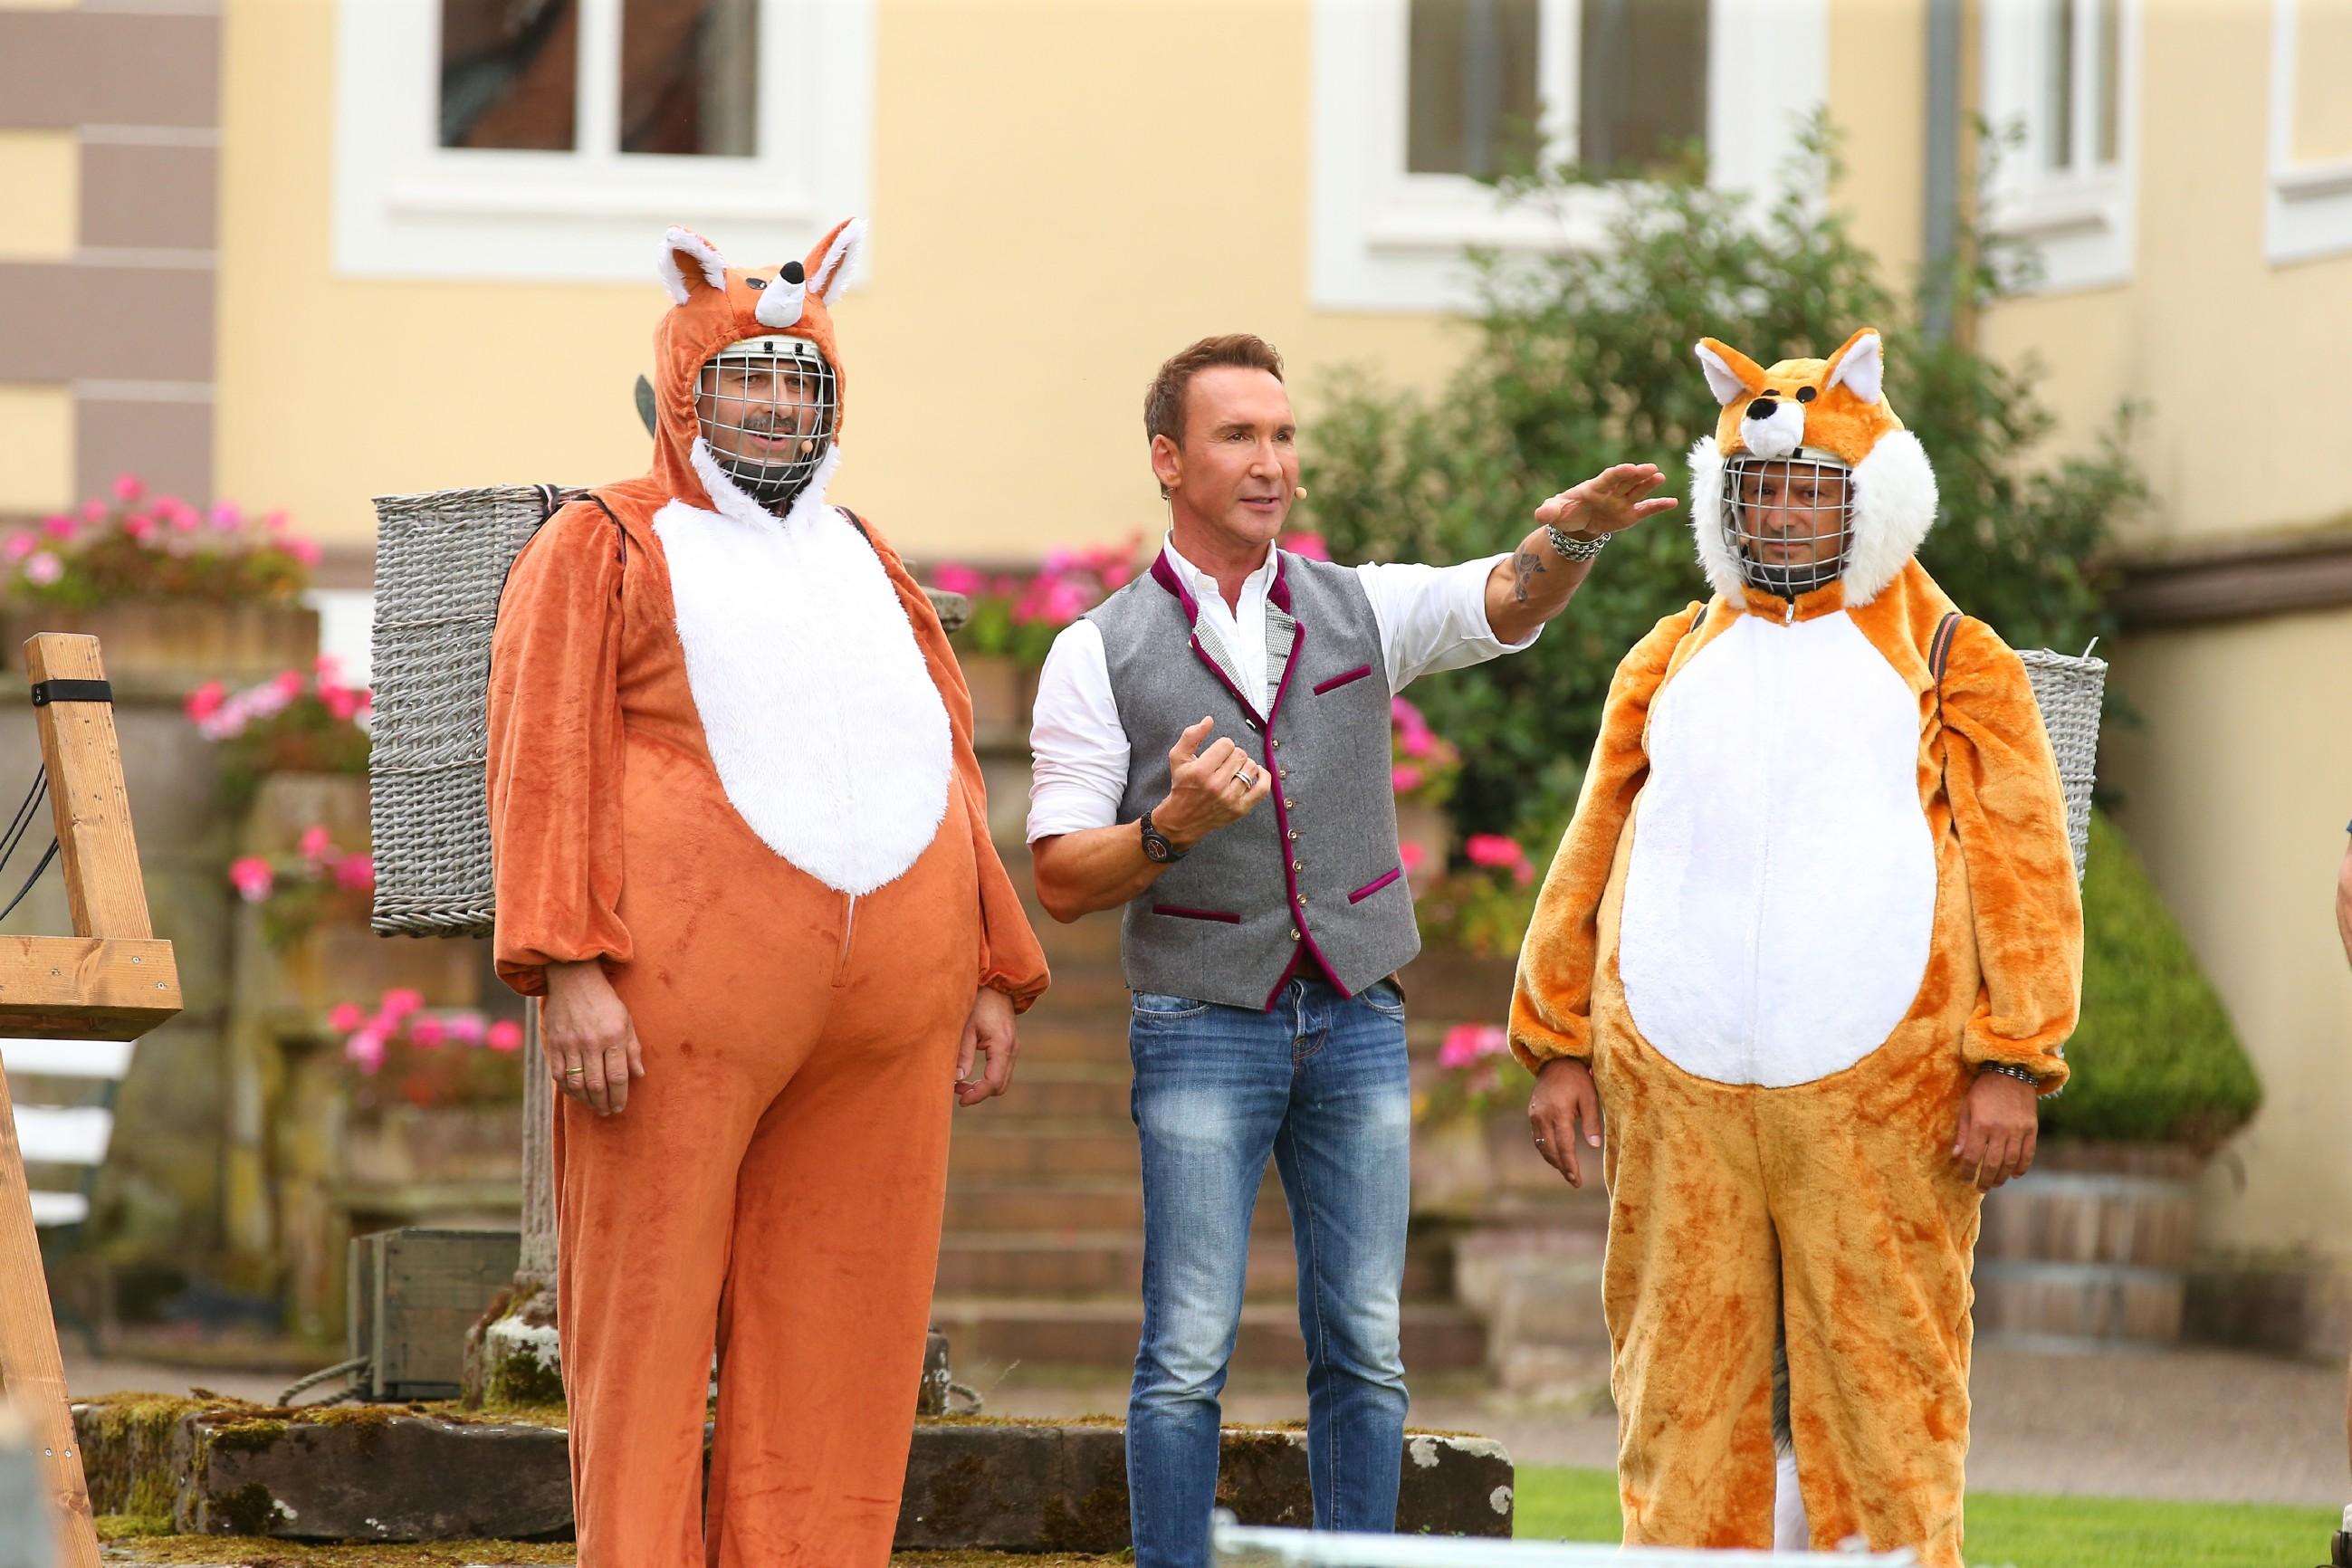 """Beim Spiel """"Alarm im Hühnerstall"""" sind Bauer Josef (l.) und Detlef Steves als fiese Füchse unterwegs. In der Mitte Jochen Bendel - Co-Moderator, Kommentator und Schiedsrichter."""